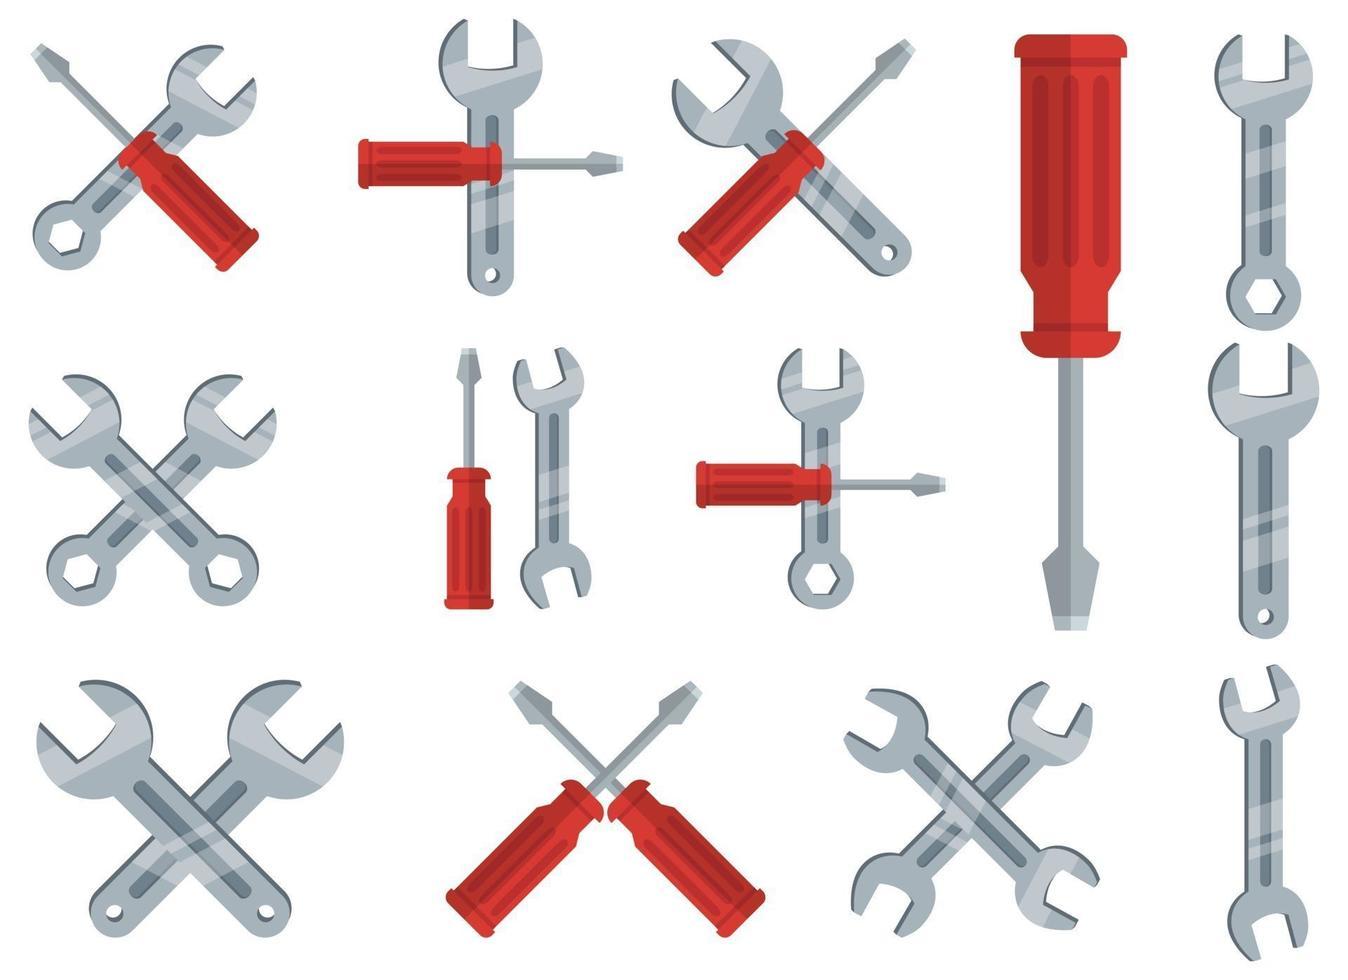 Conjunto de ilustración de diseño de vector de herramienta de llave aislado sobre fondo blanco